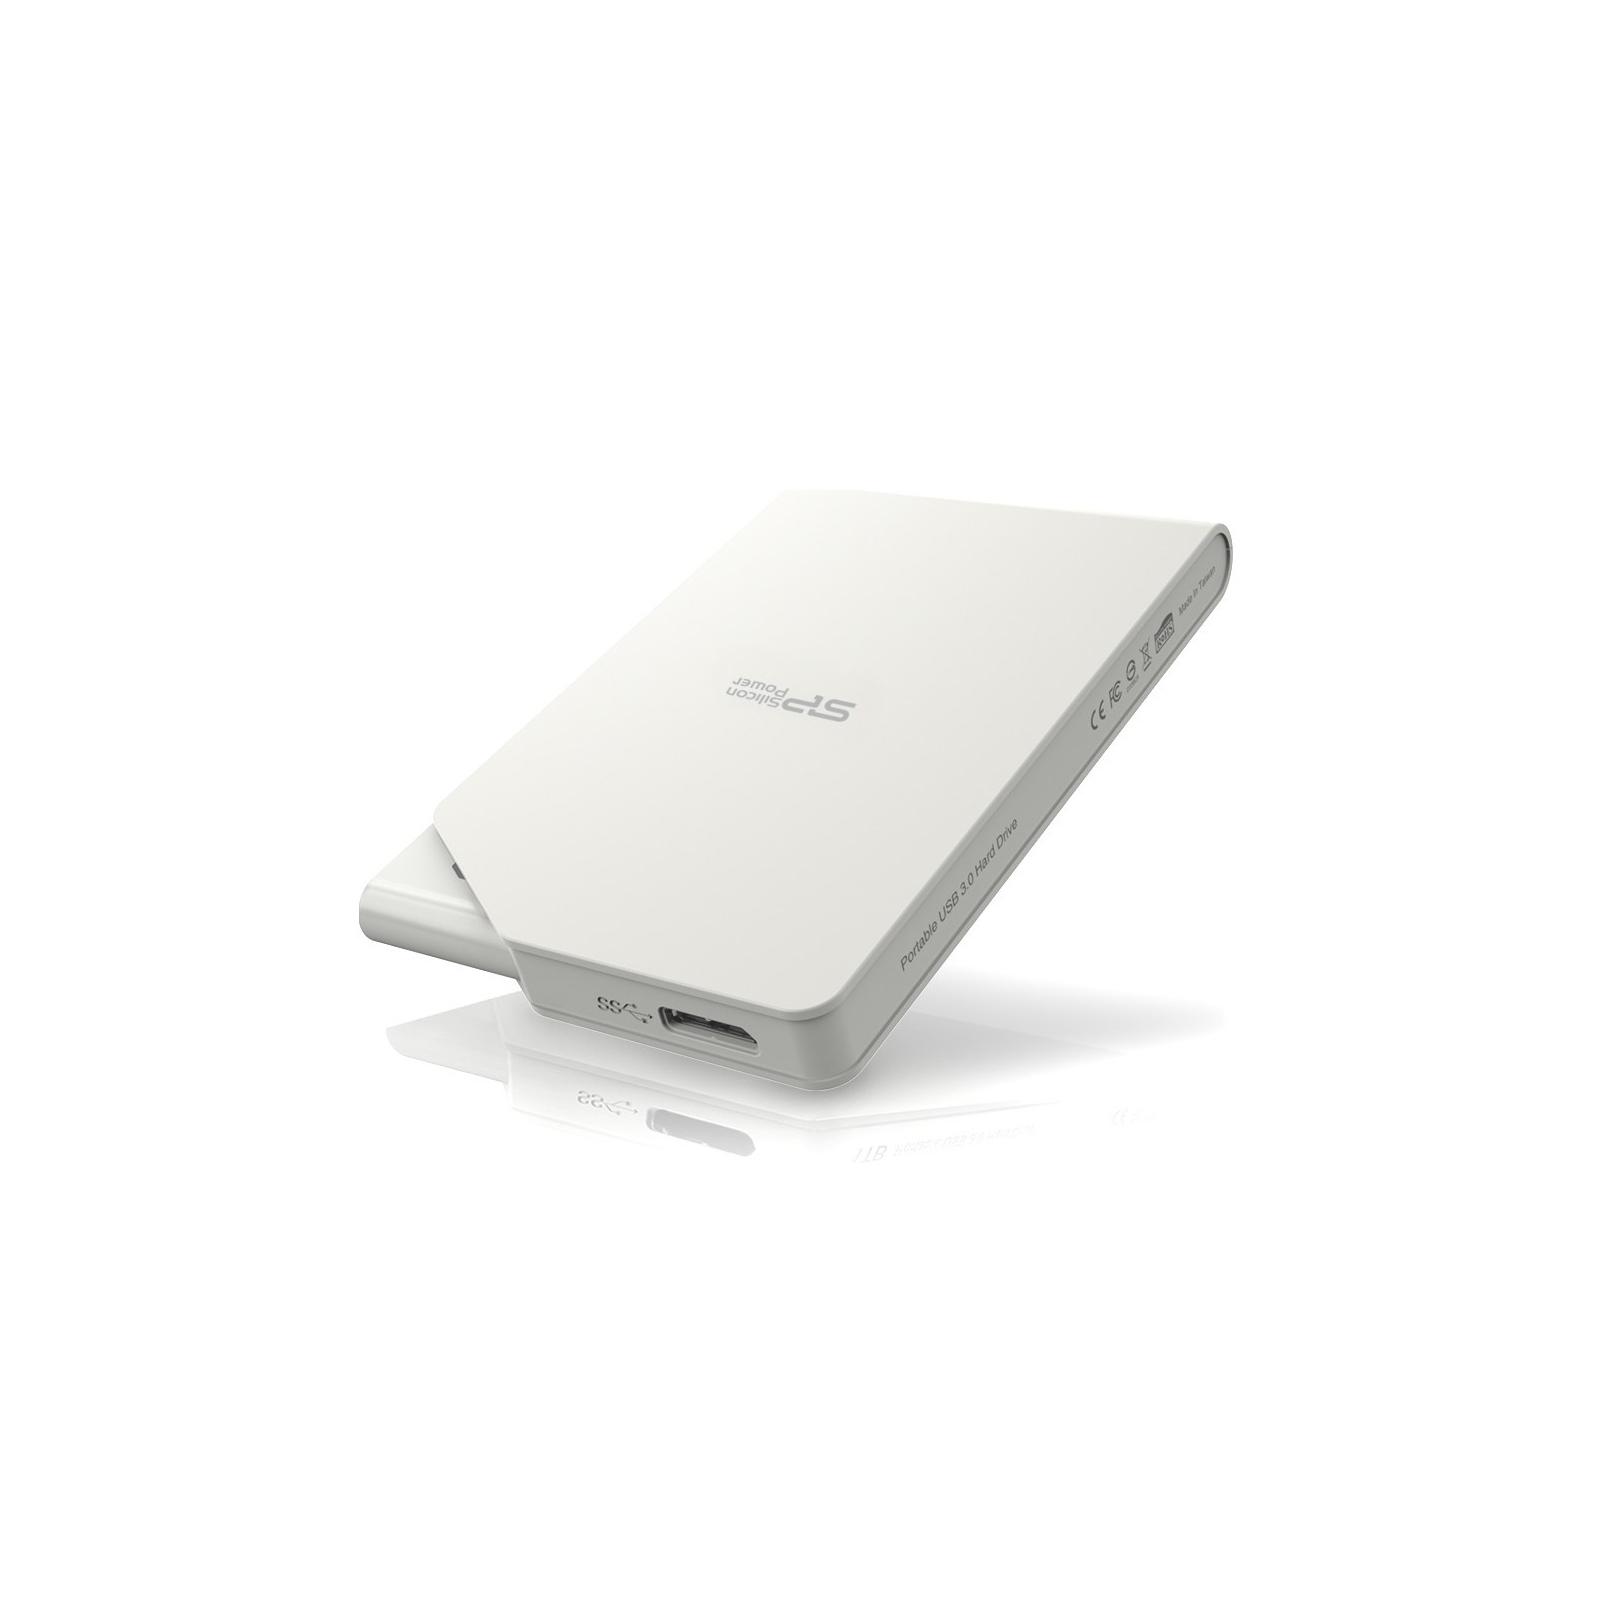 """Внешний жесткий диск 2.5"""" 2TB Silicon Power (SP020TBPHDS03S3W) изображение 3"""